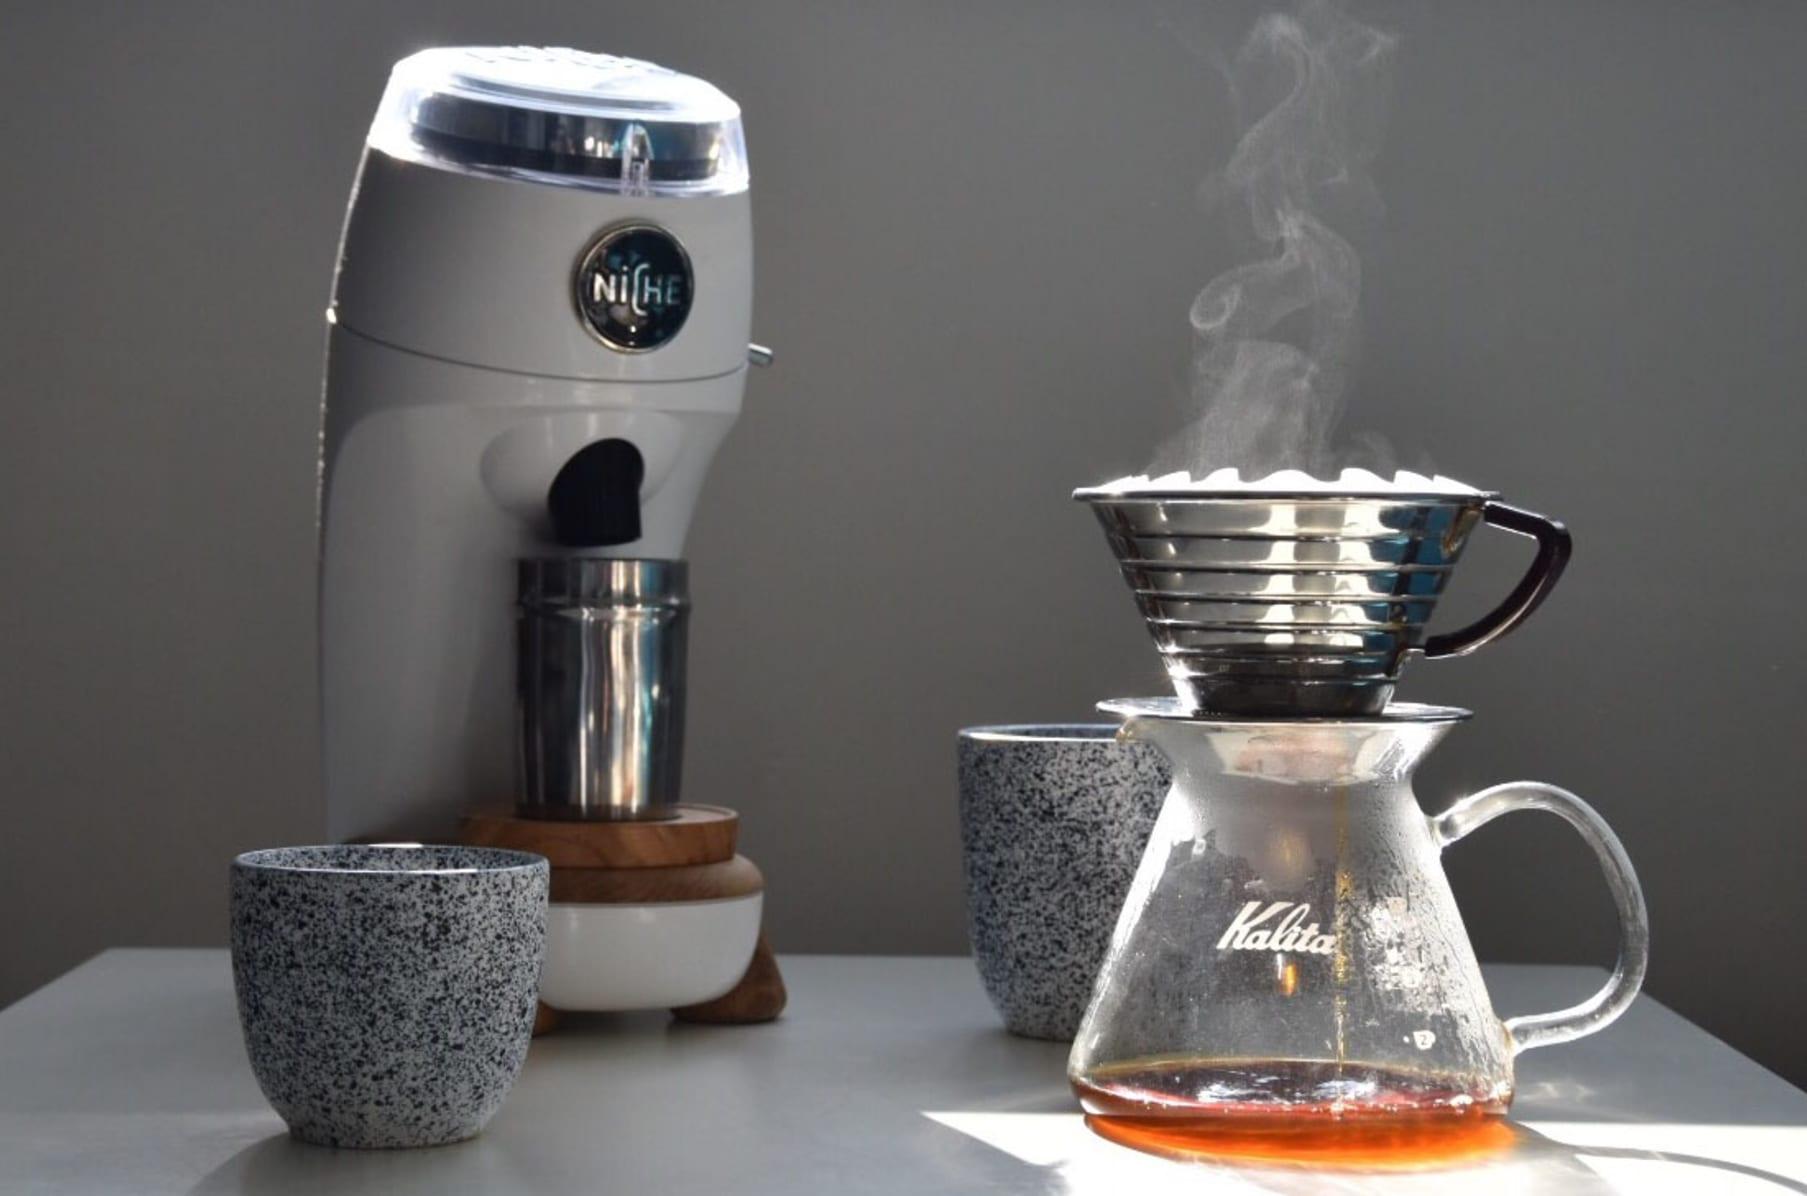 Niche Zero The Best Conical Burr Coffee Grinder Indiegogo